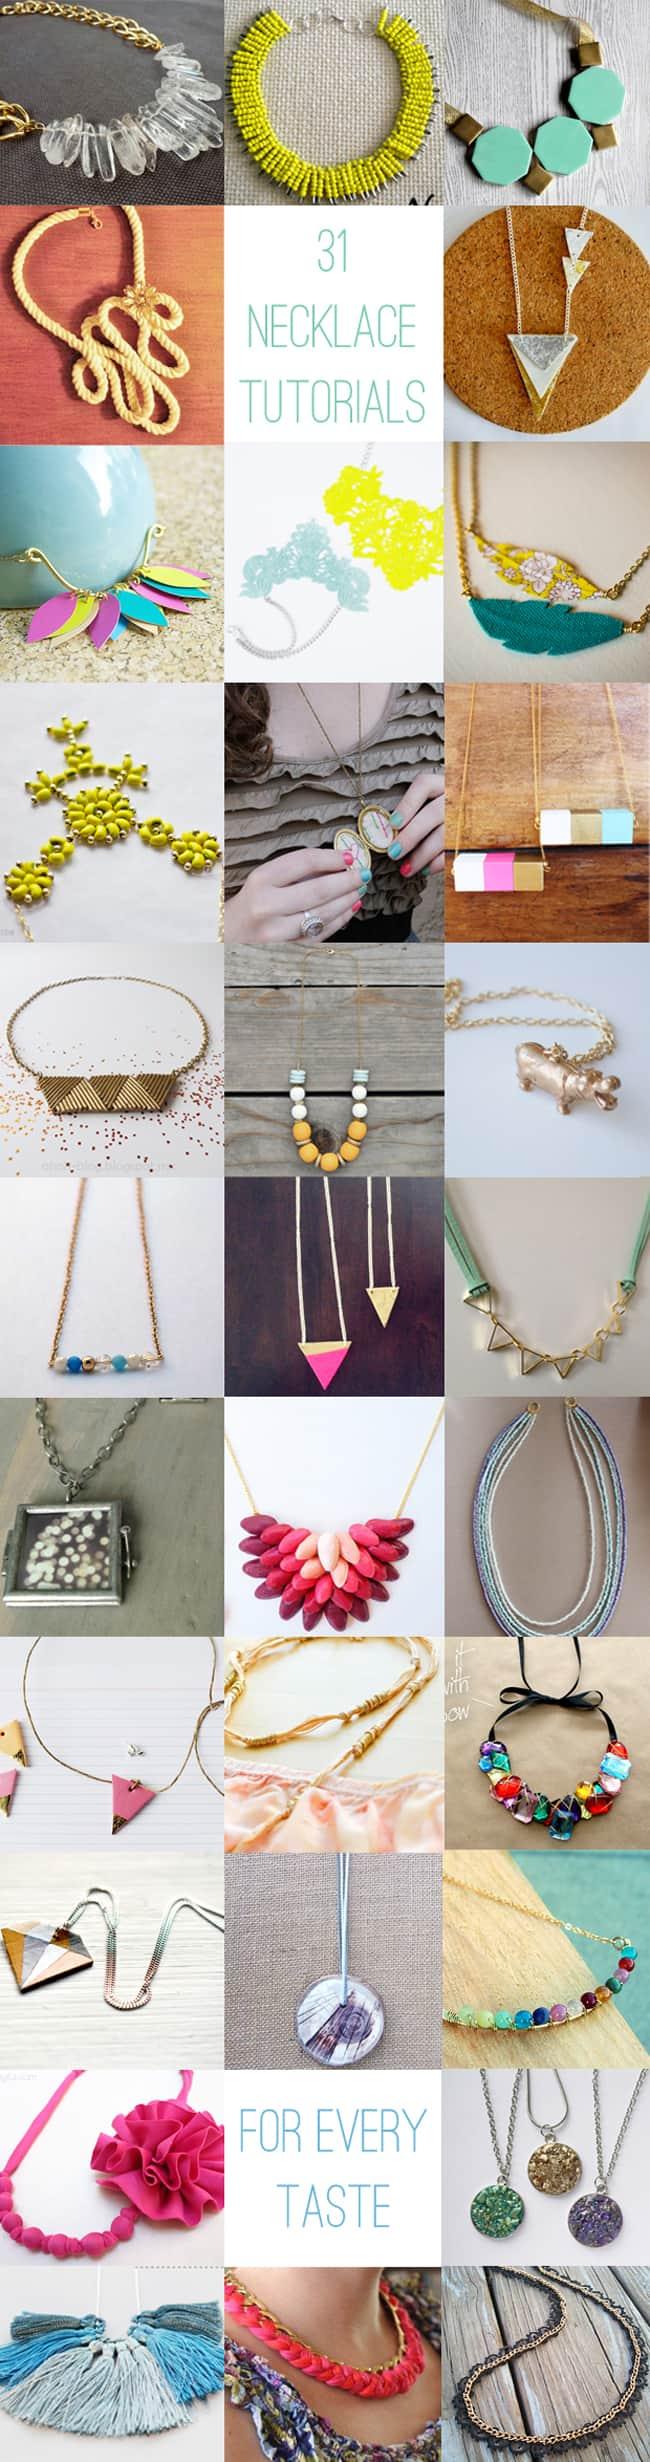 31-necklaces2